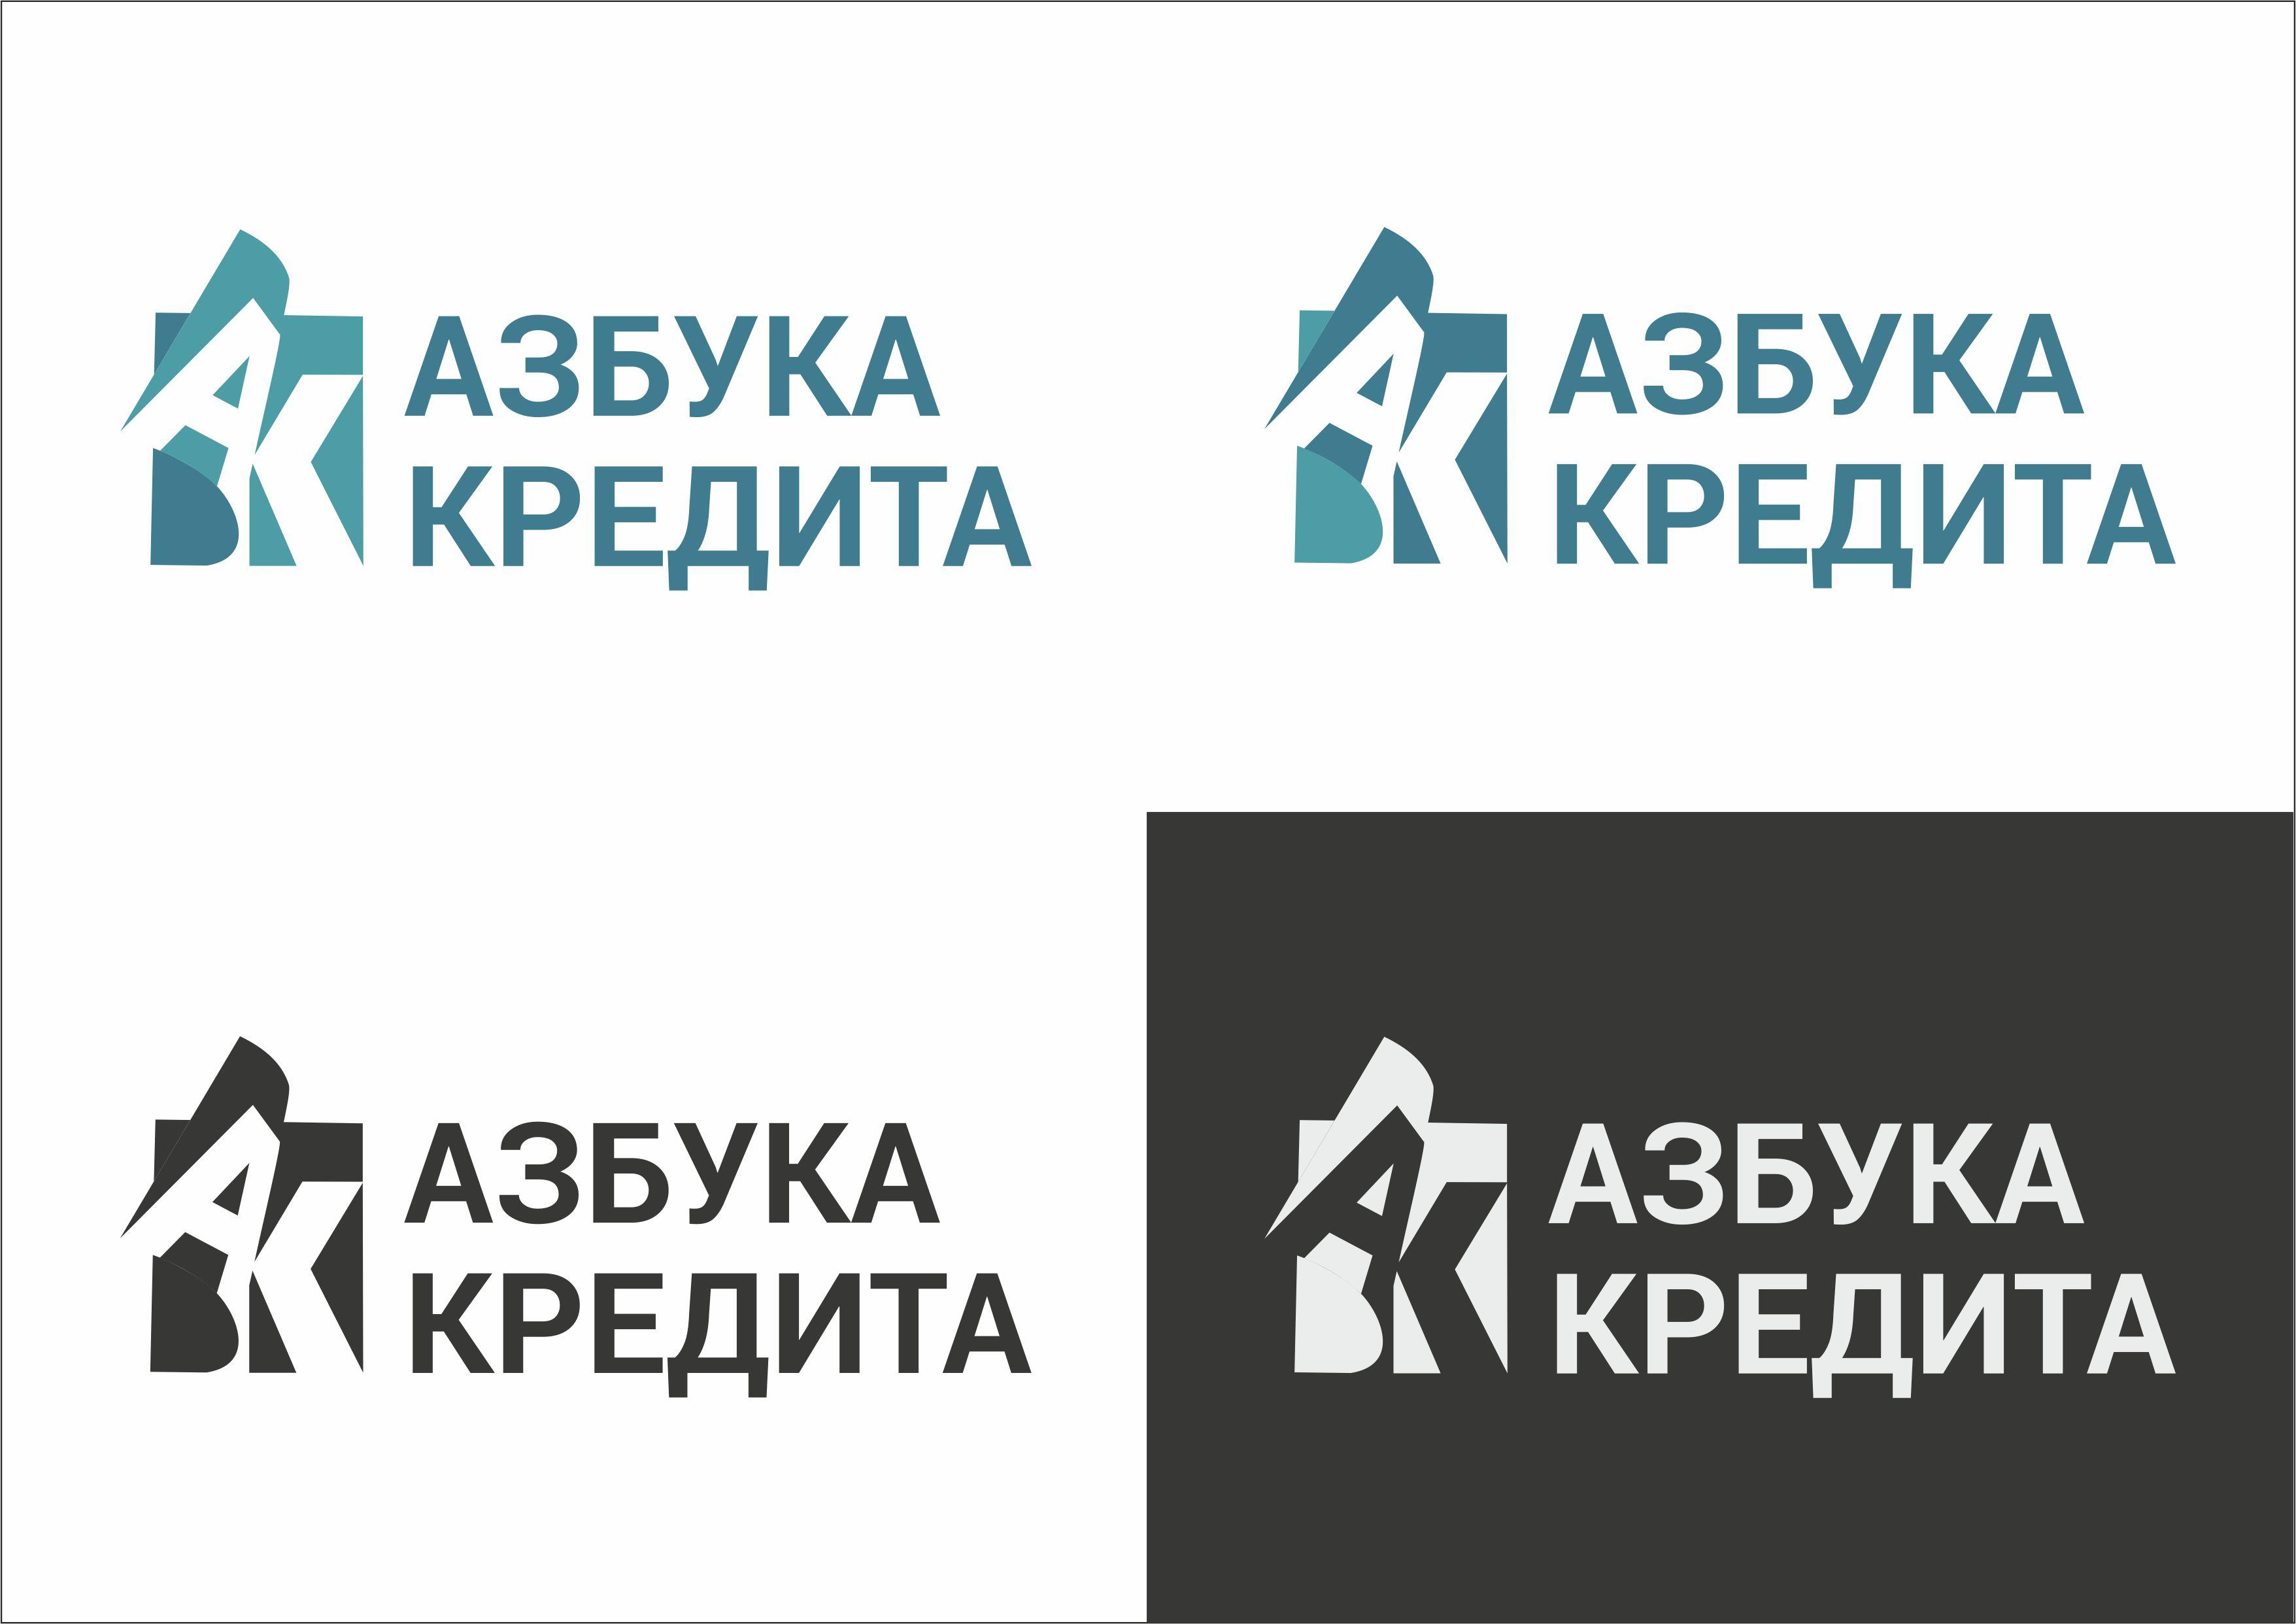 Разработать логотип для финансовой компании фото f_4395dee32fbd3b44.jpg